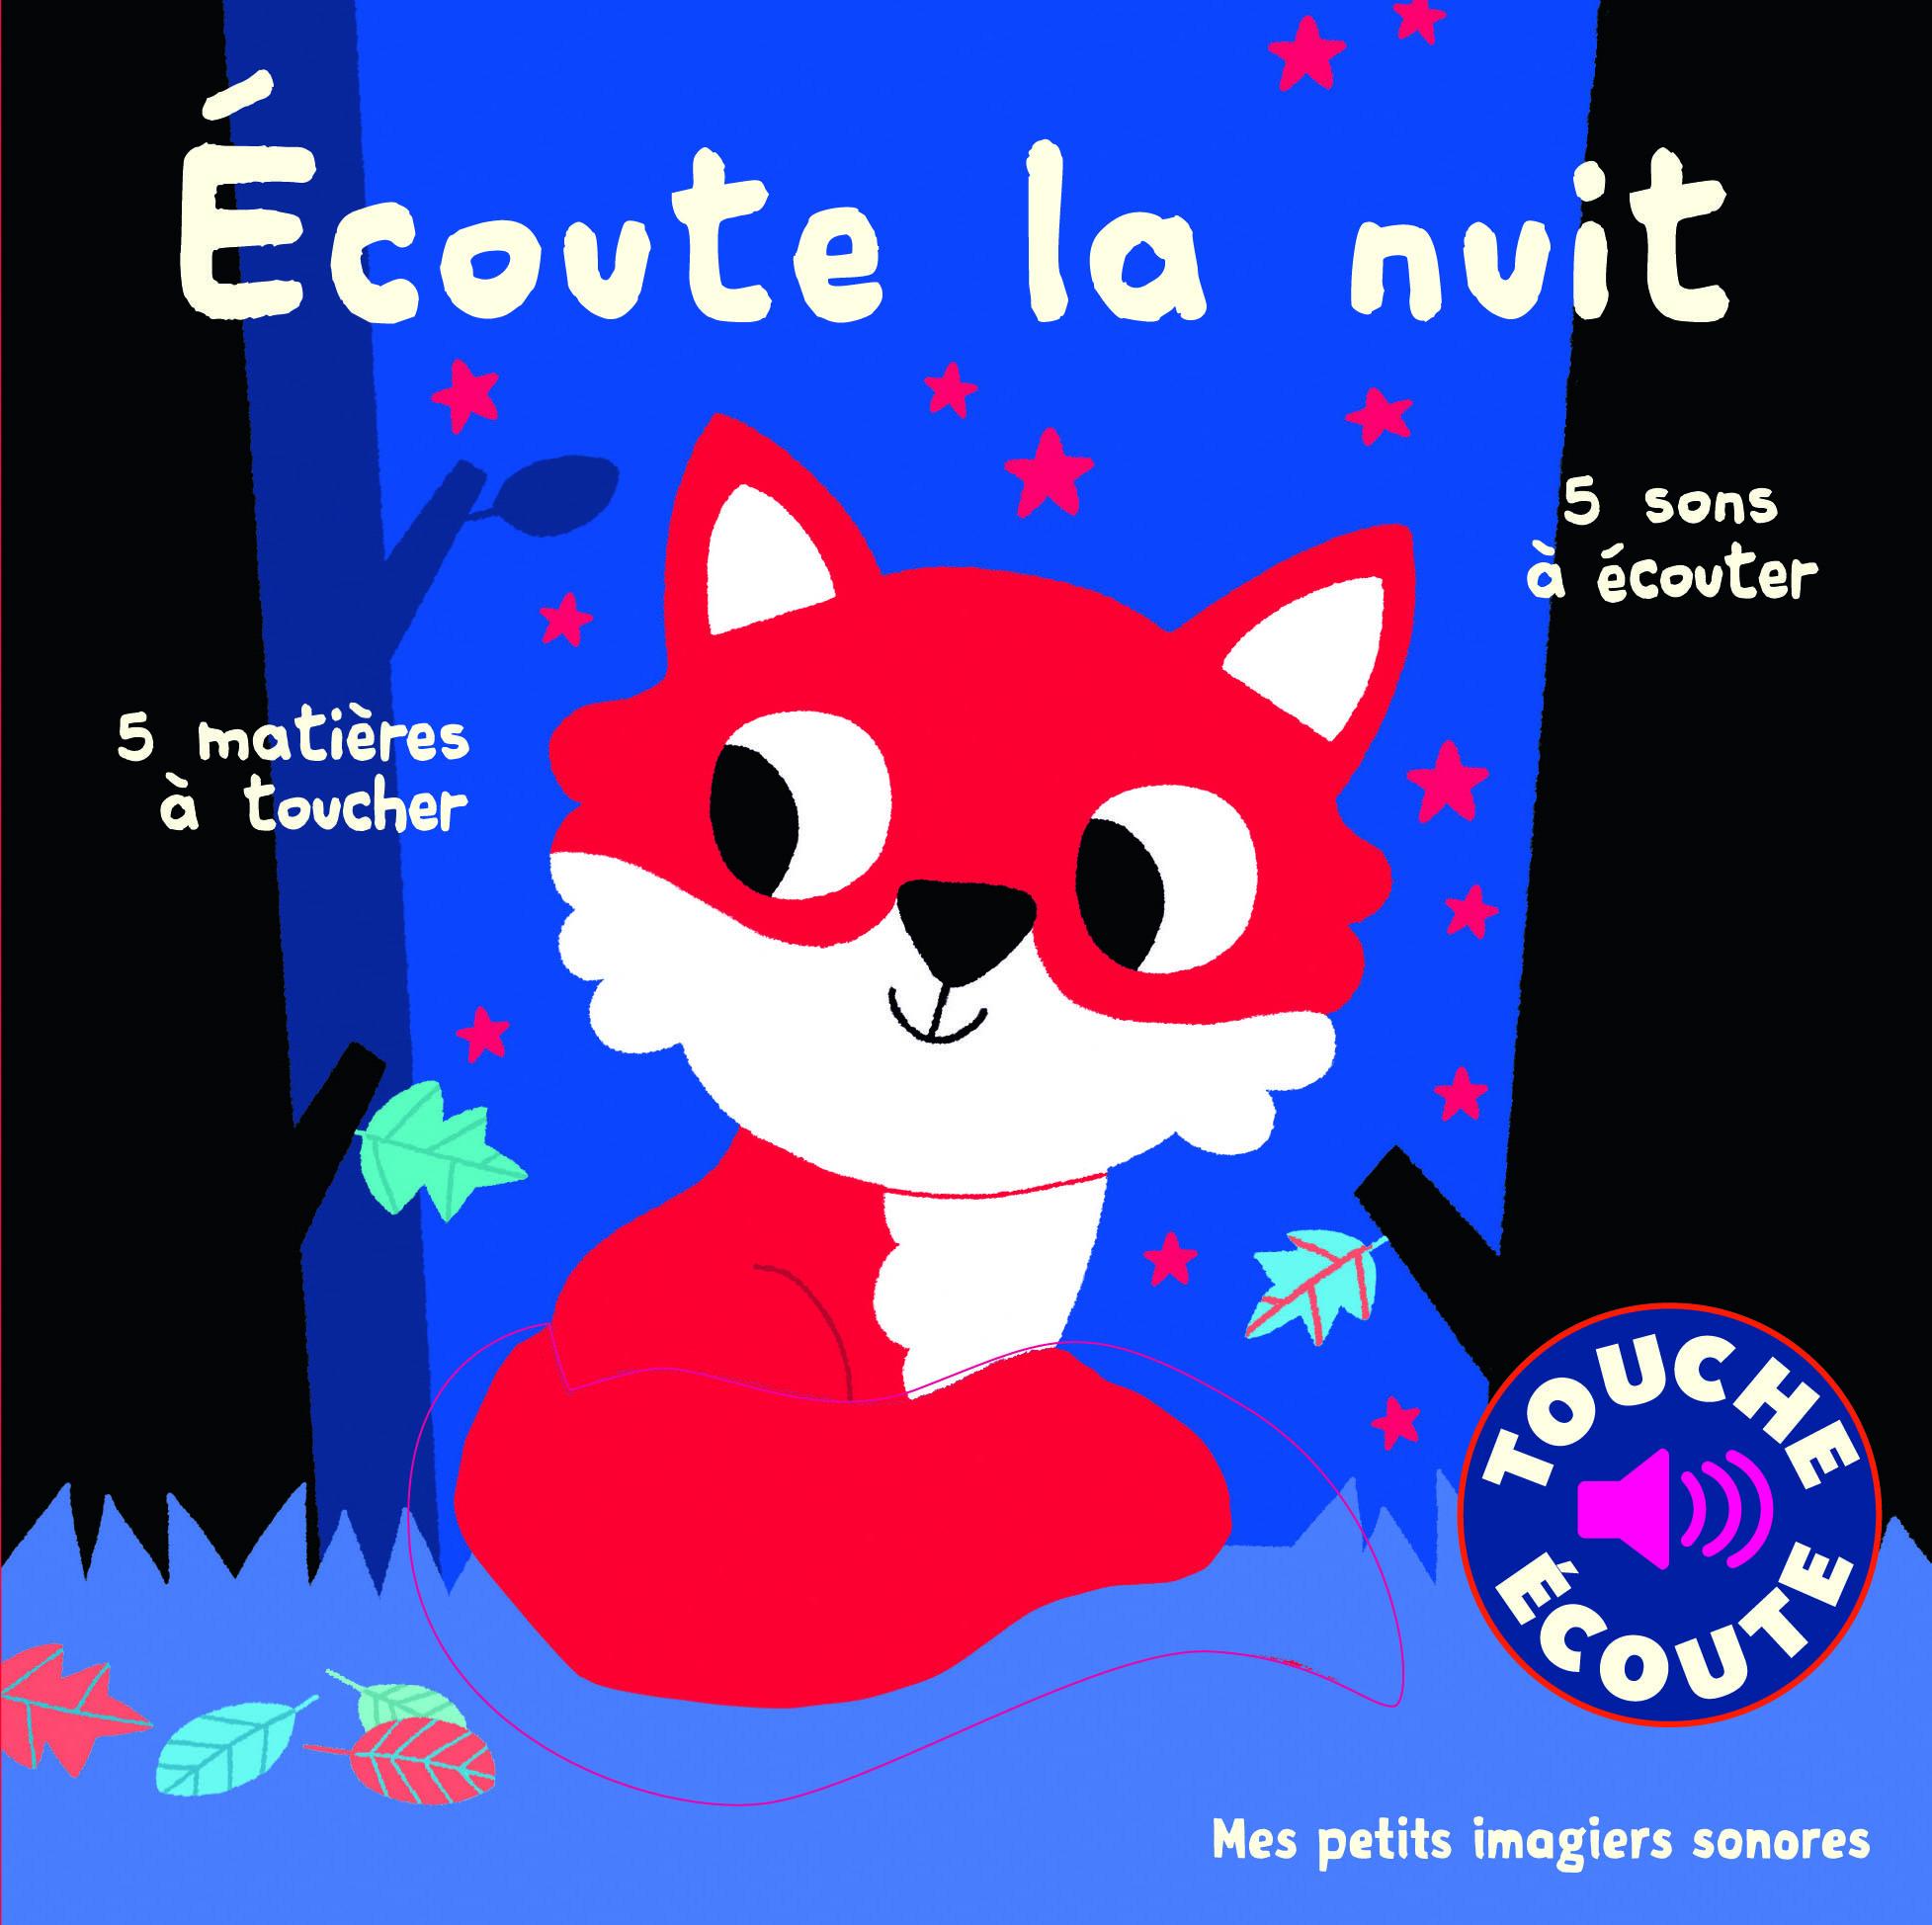 ECOUTE LA NUIT - 5 SONS A ECOUTER, 5 MATIERES A TOUCHER